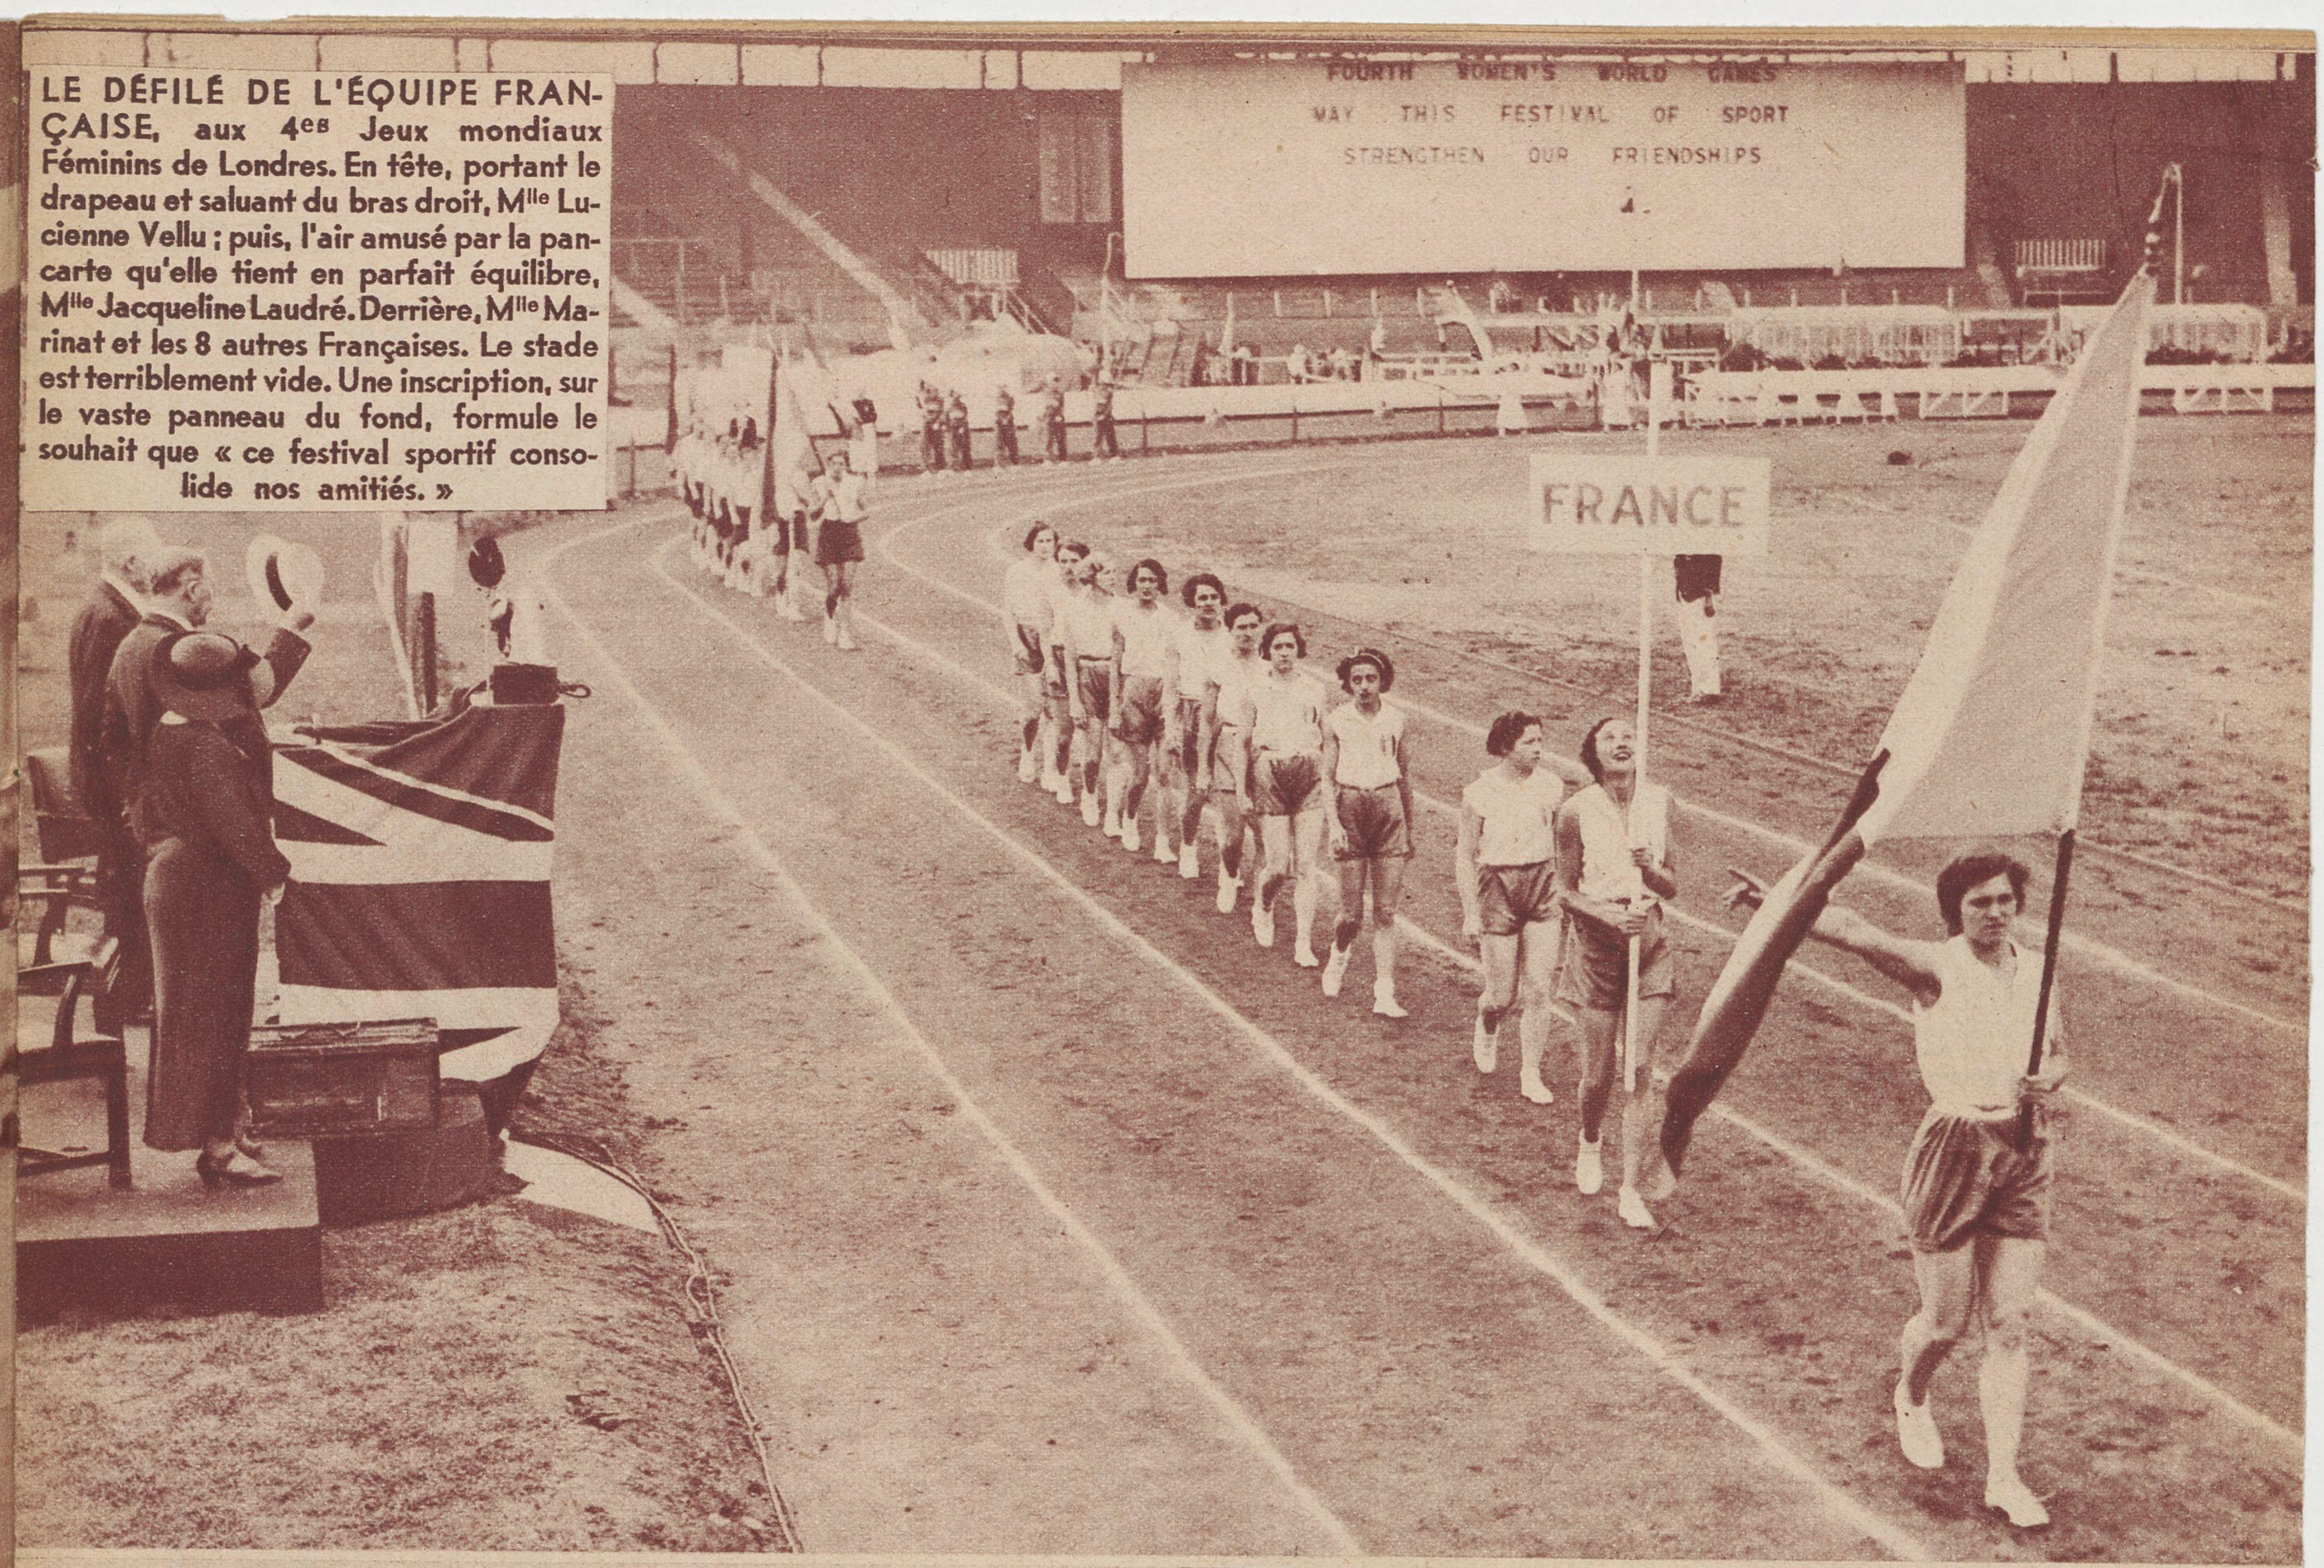 Délégation française lors des Jeux mondiaux féminins de Londres en 1934. Source : Le Miroir des sports, 14 août 1934.